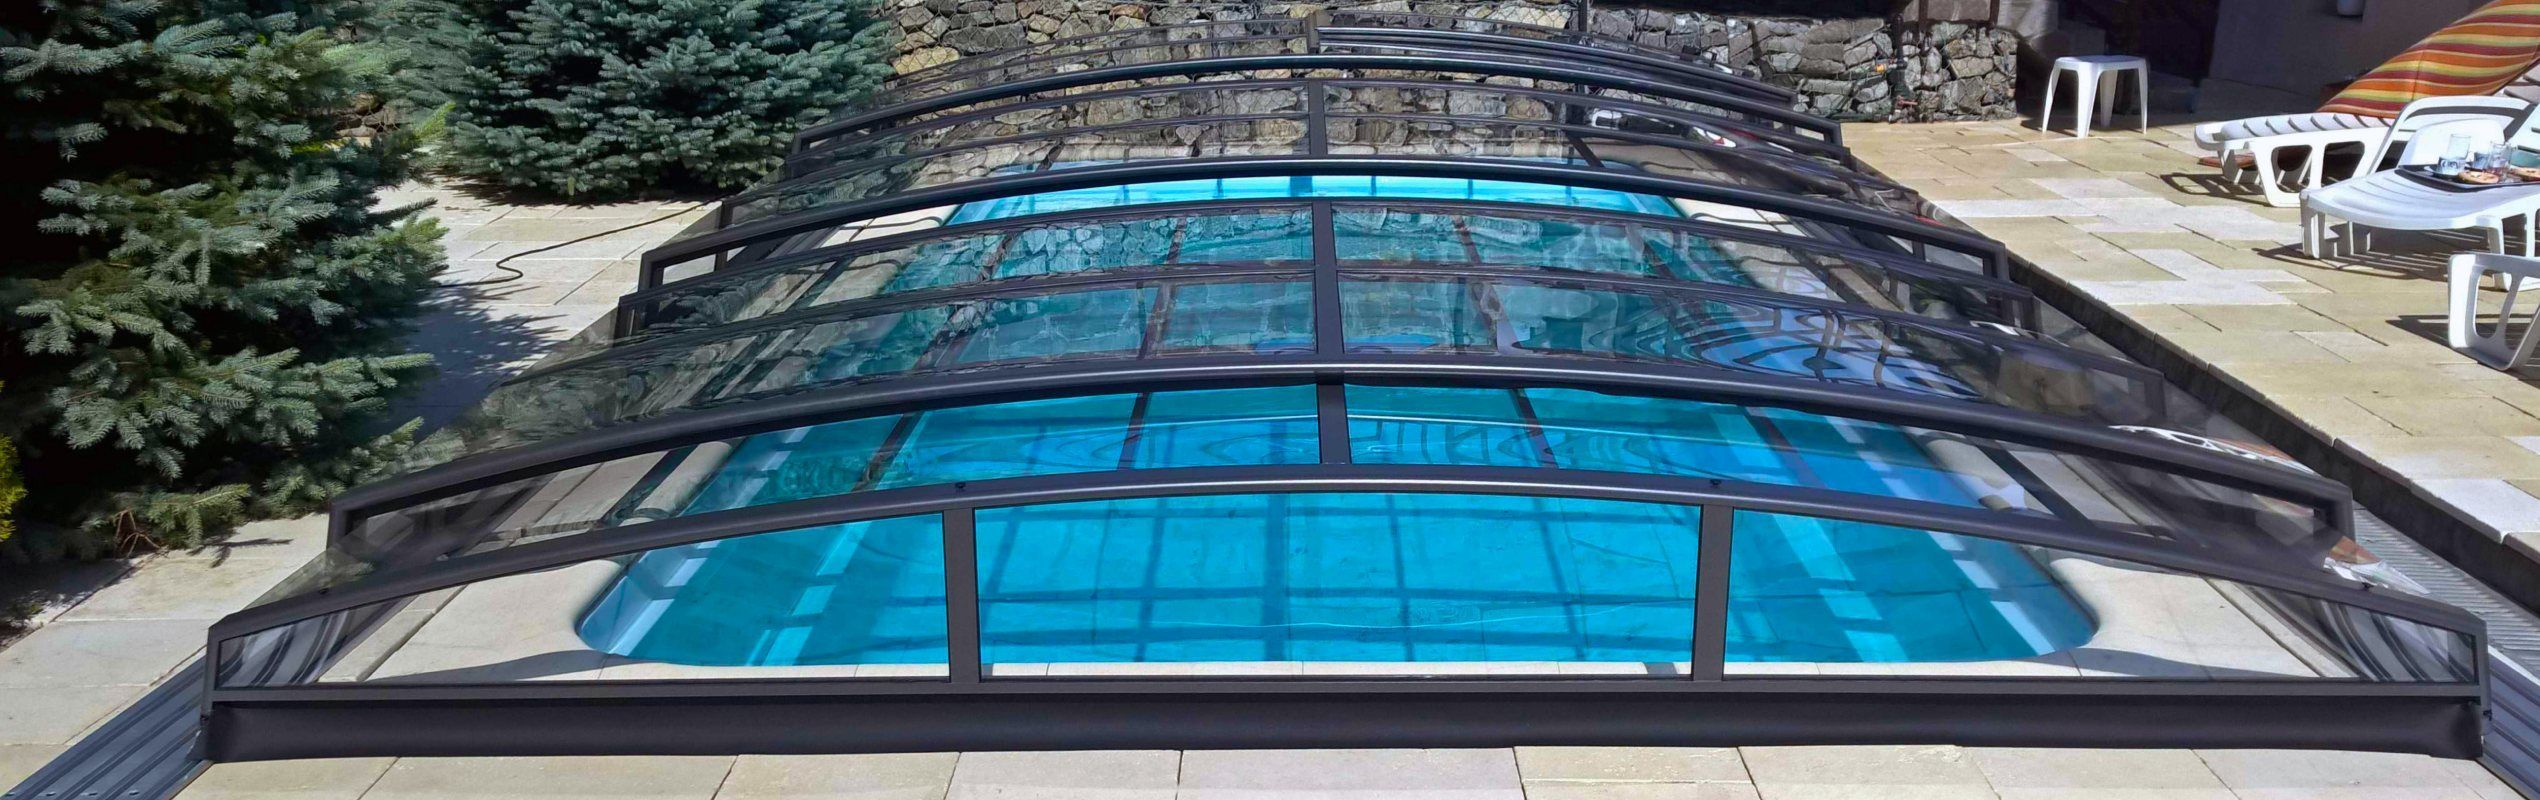 Acoperiri de piscina Azure Angle